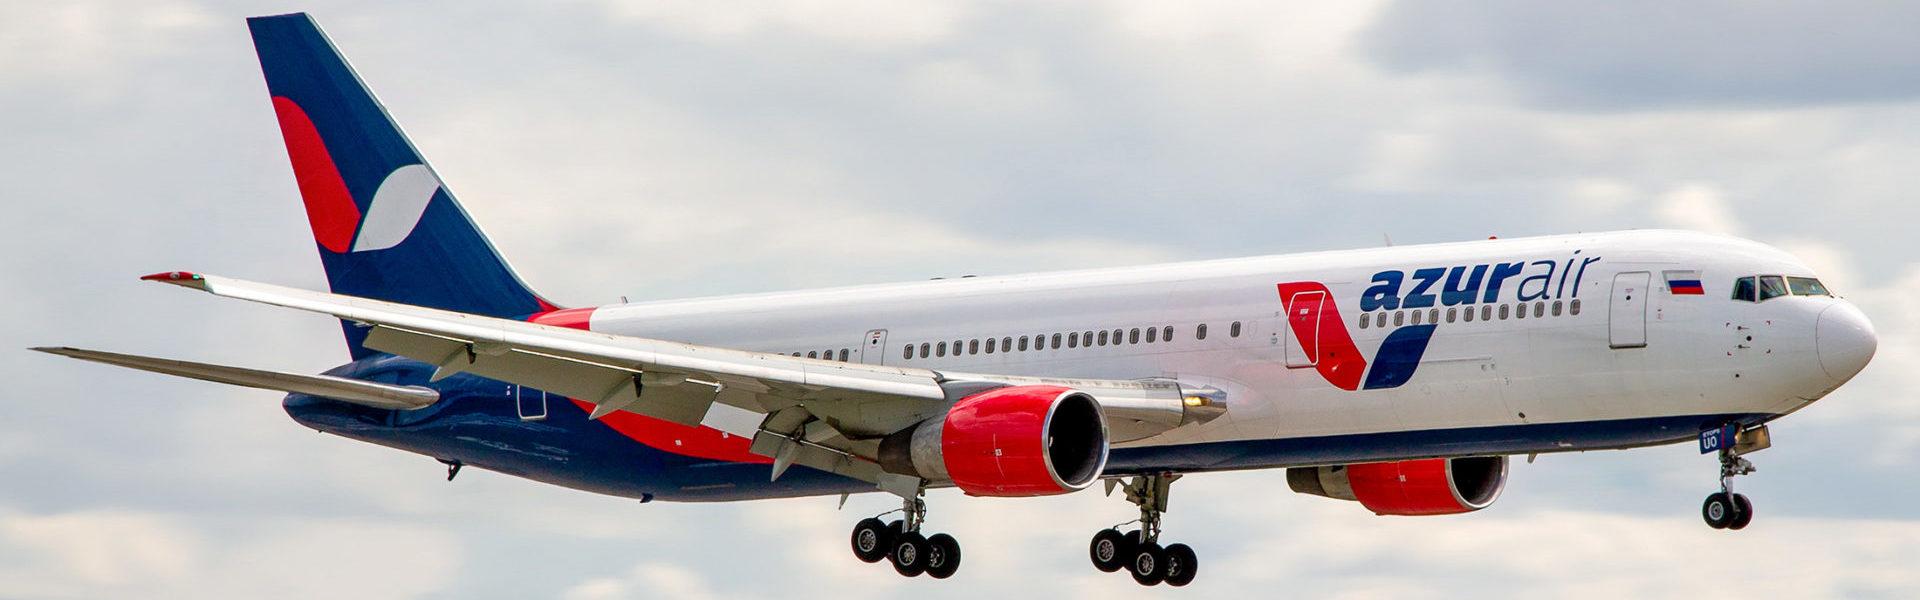 AZUR air запустит рейс из Владивостока в Дубай